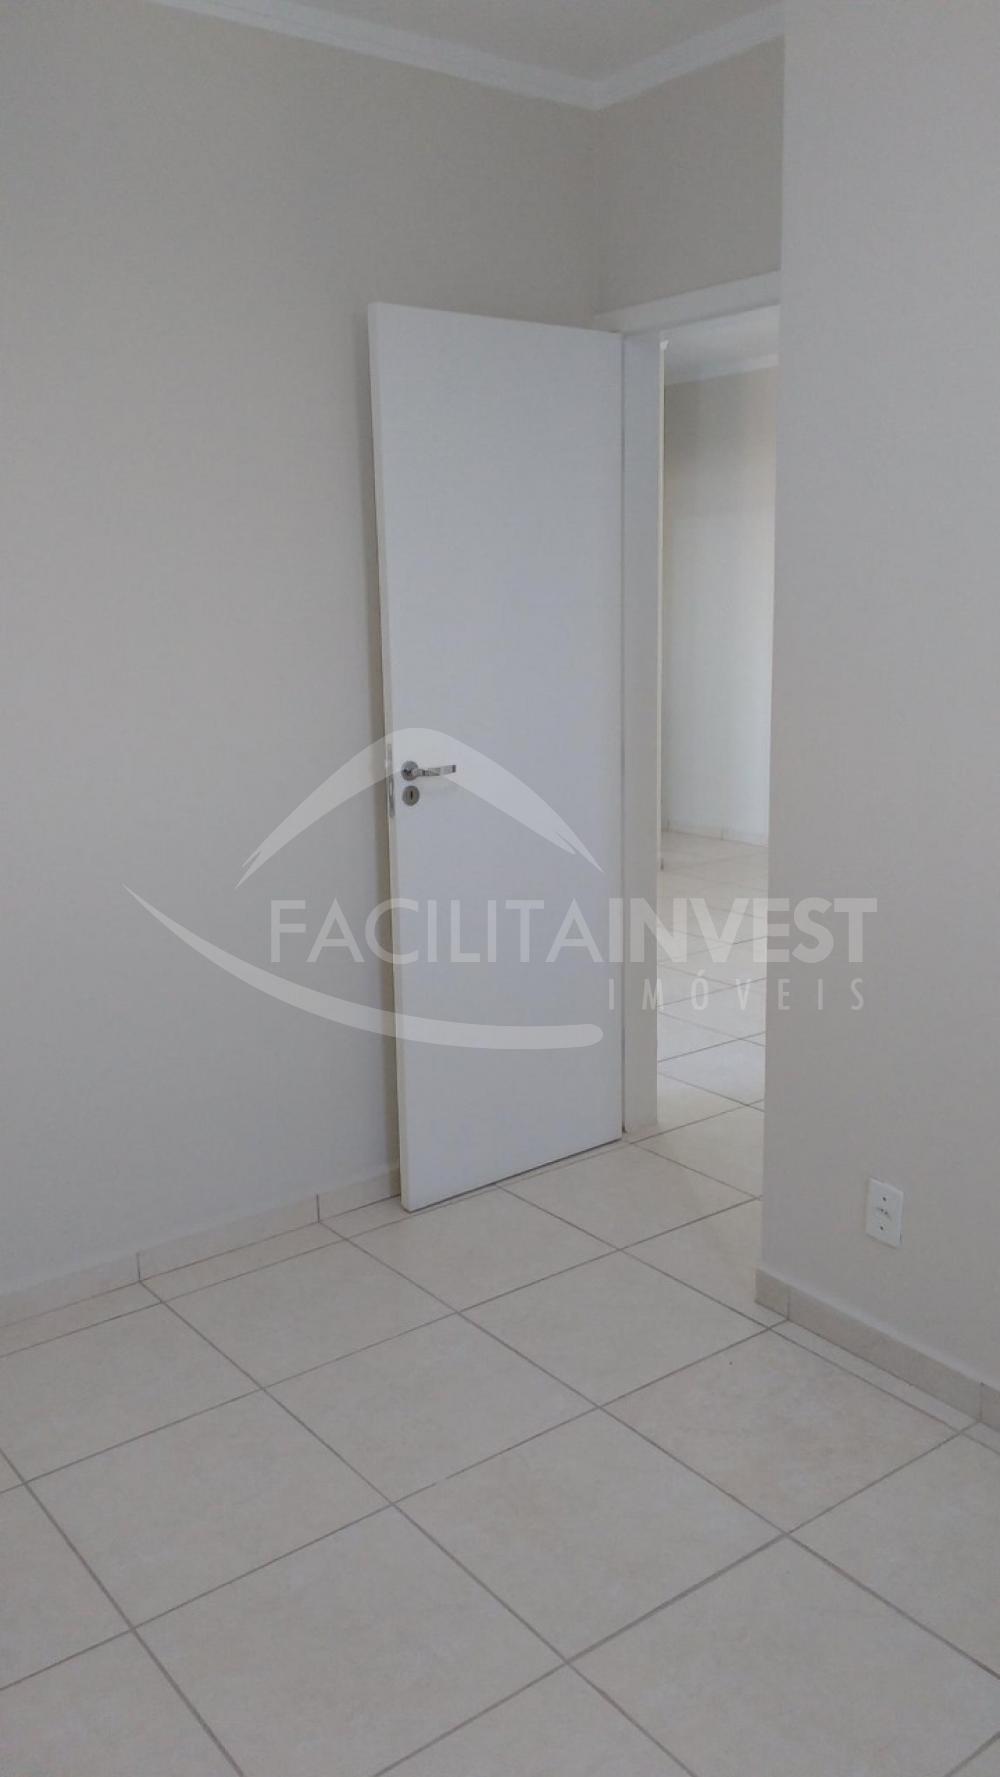 Comprar Apartamentos / Apart. Padrão em Ribeirão Preto apenas R$ 170.000,00 - Foto 5